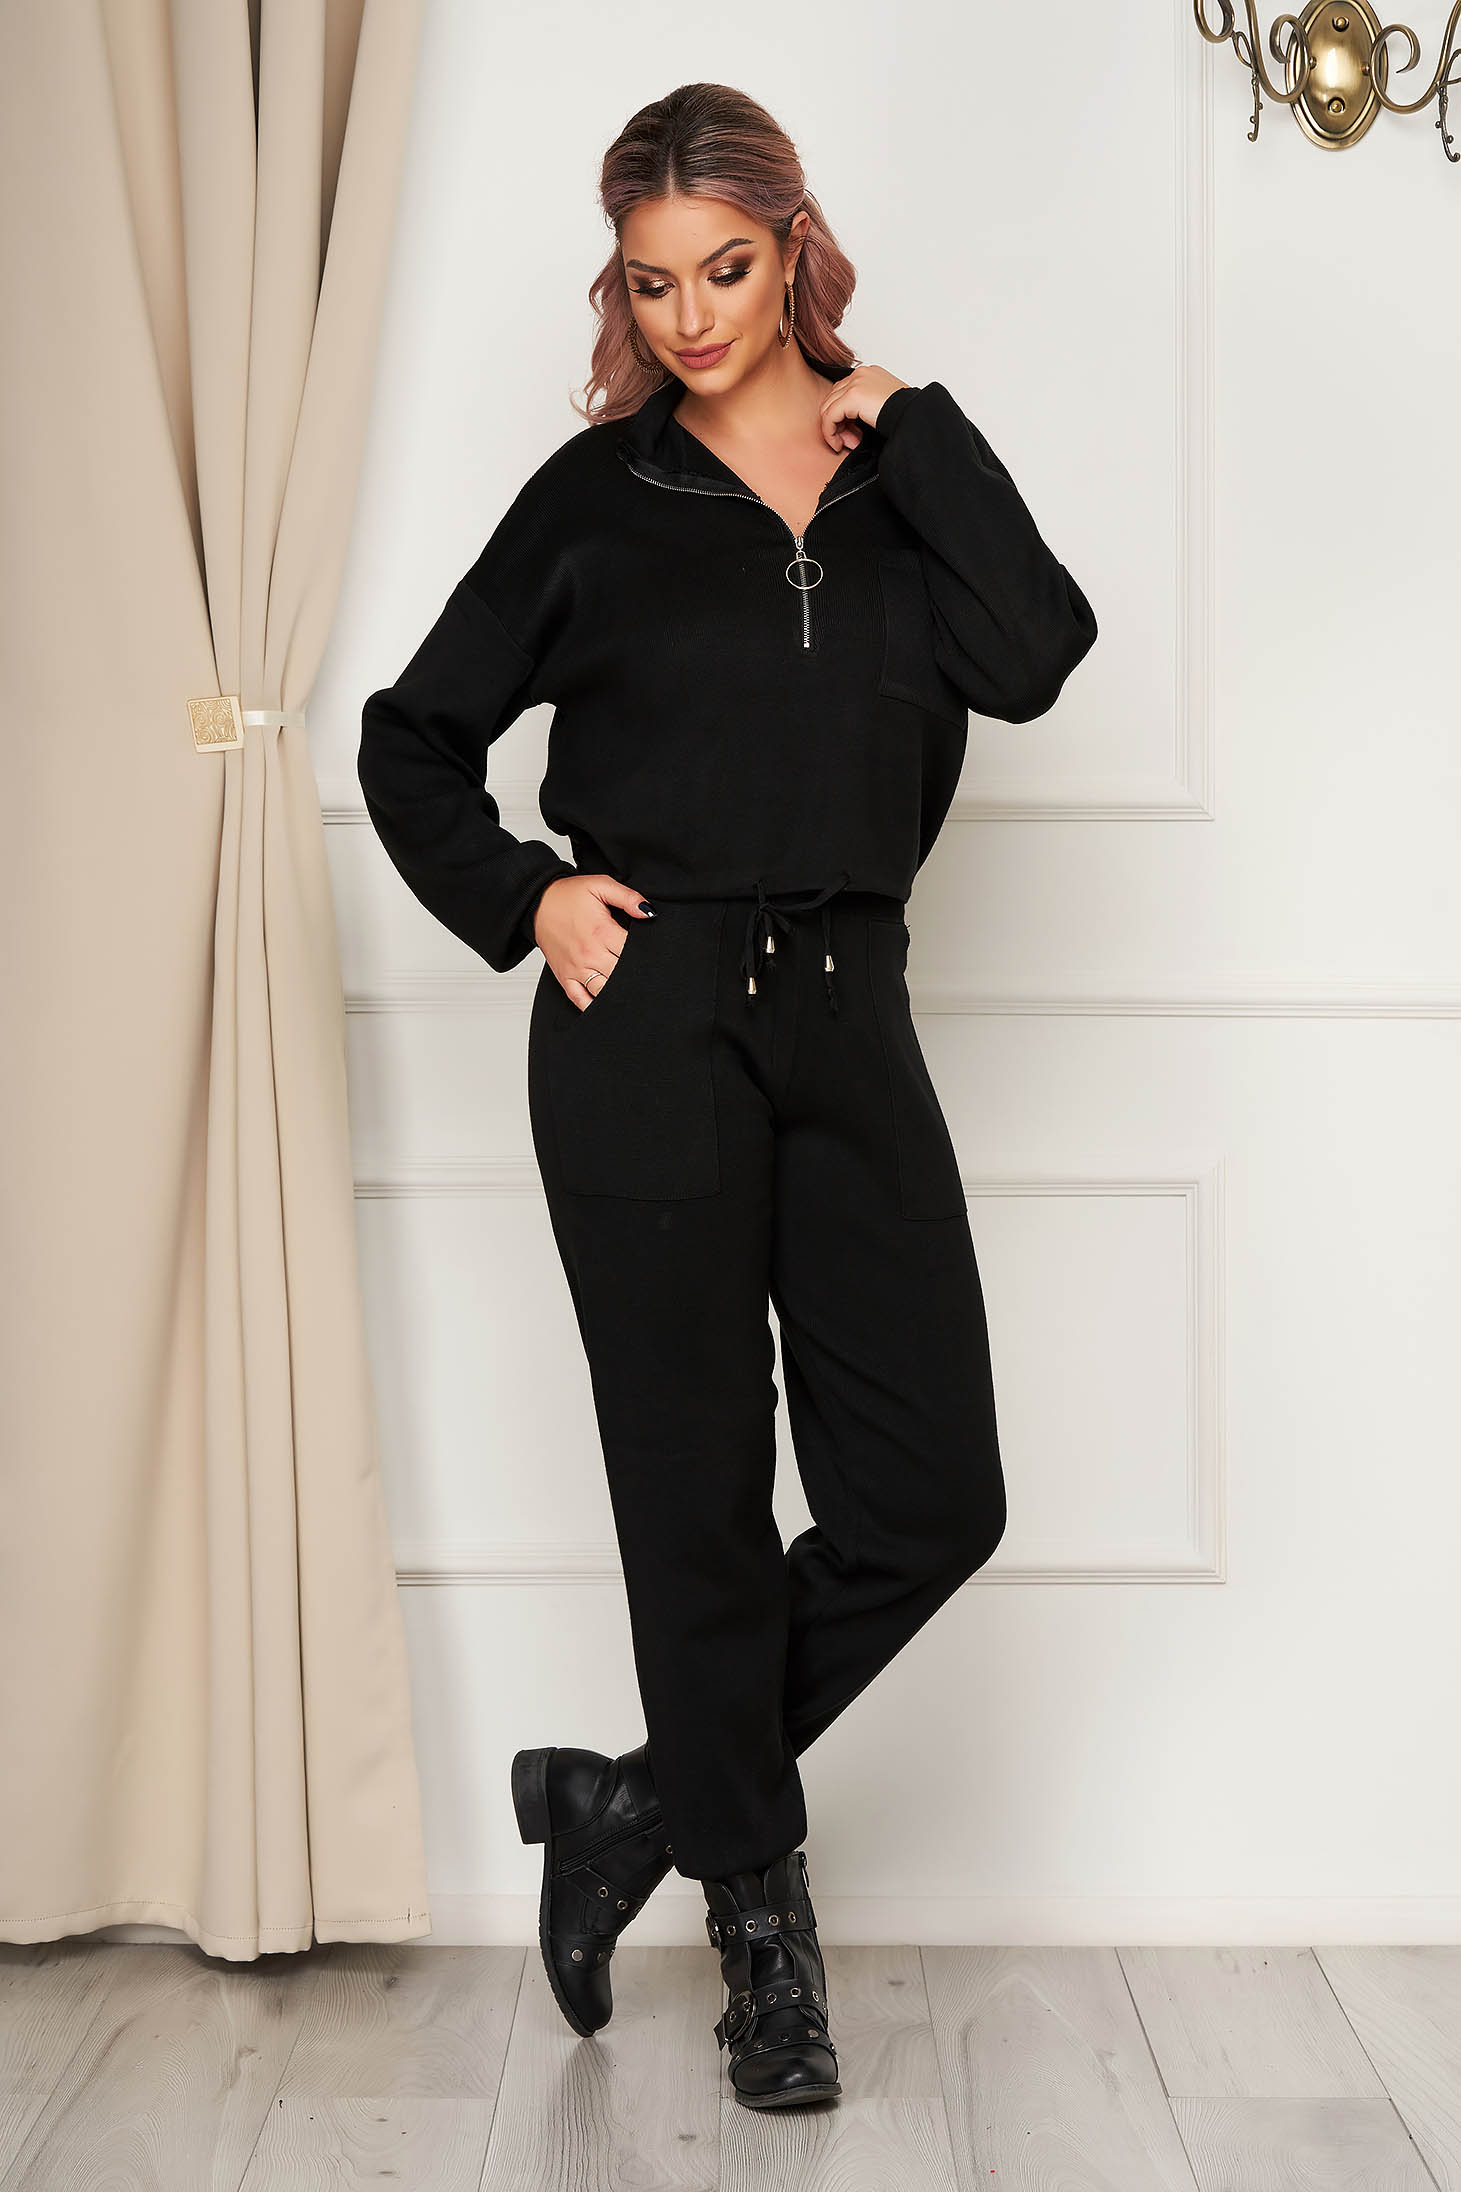 Fekete casual kötött két részes nadrágos bő szabású női kosztüm gumírozott derekú